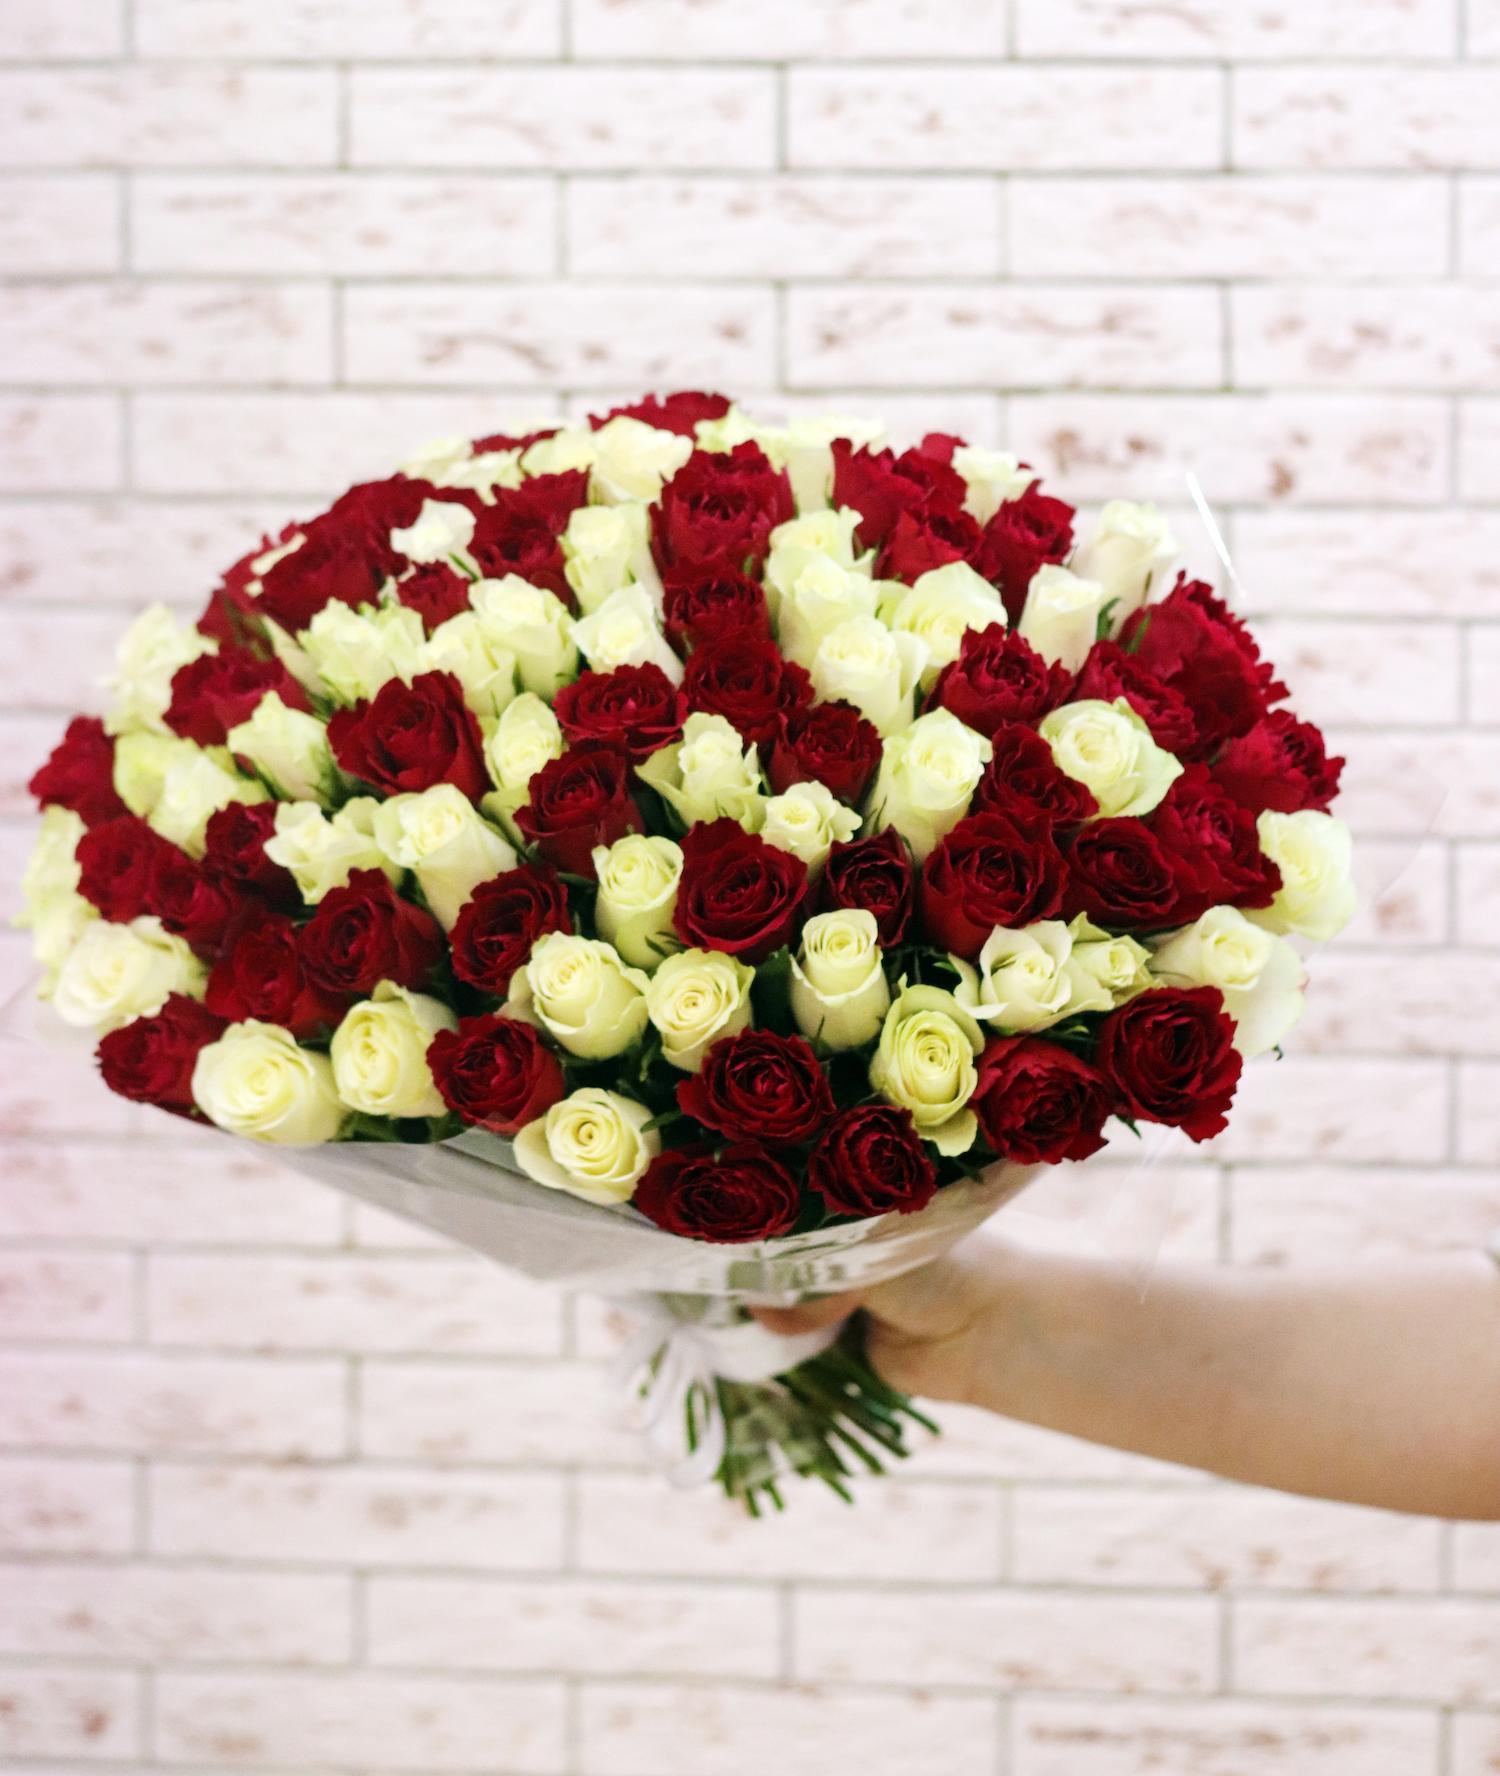 Доставка цветов г хабаровск дешево, цветы доставка